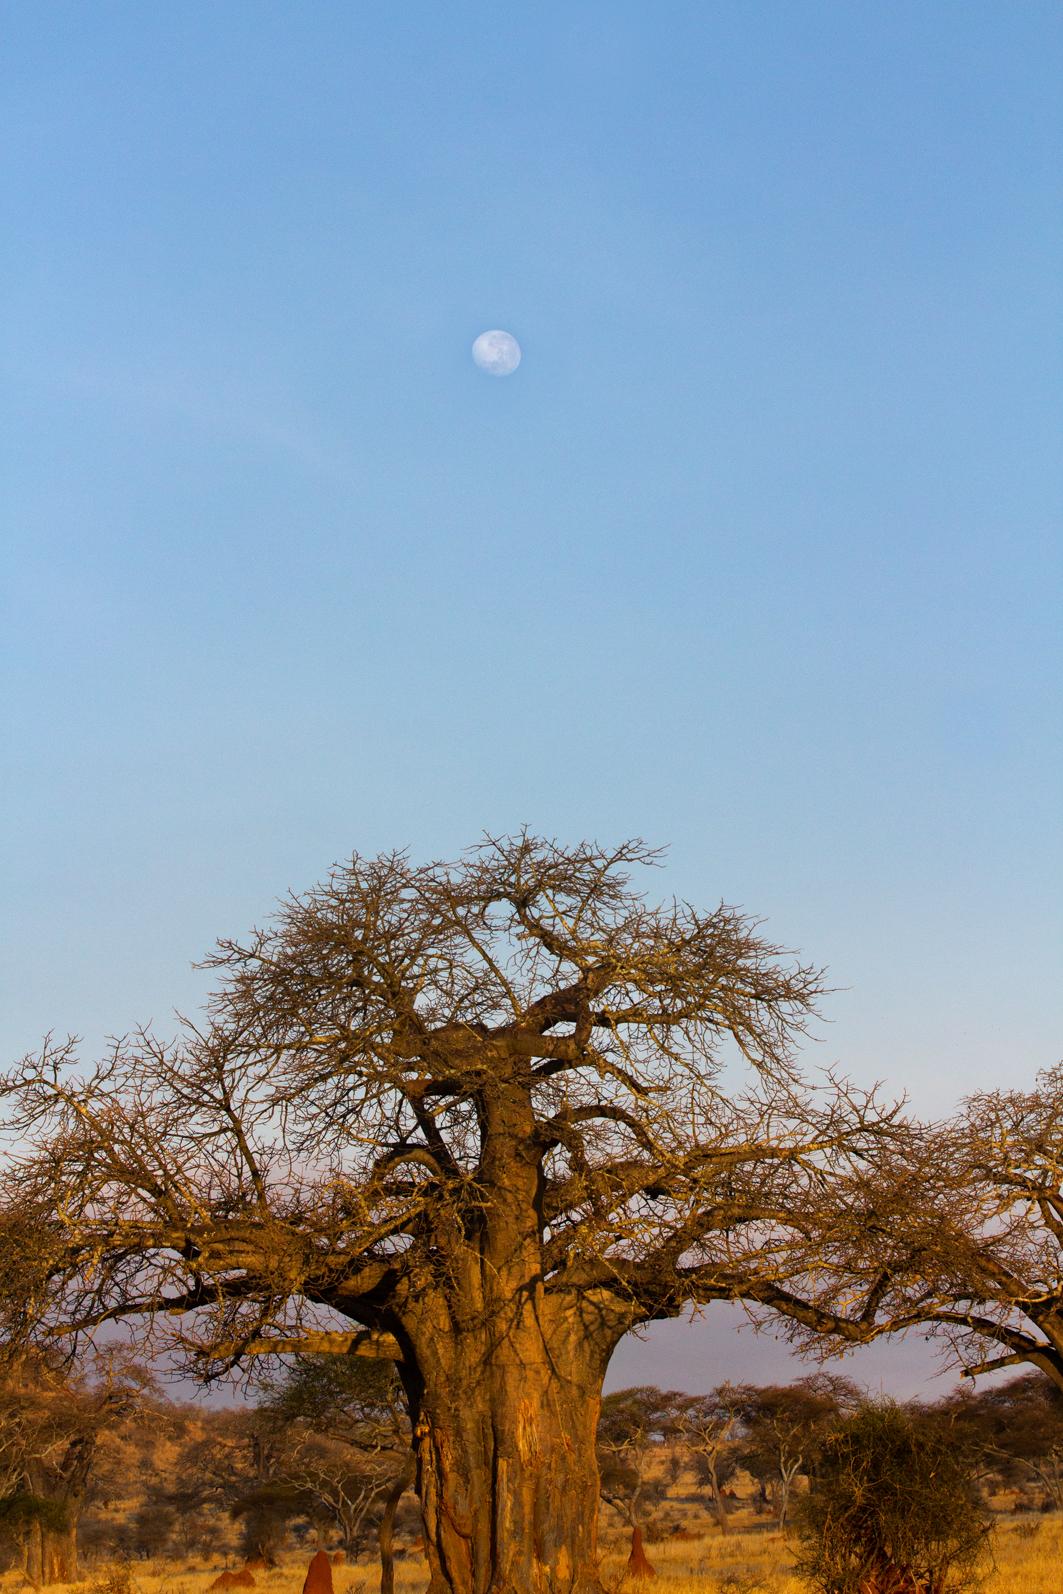 Moon over baobobs, Tarangire